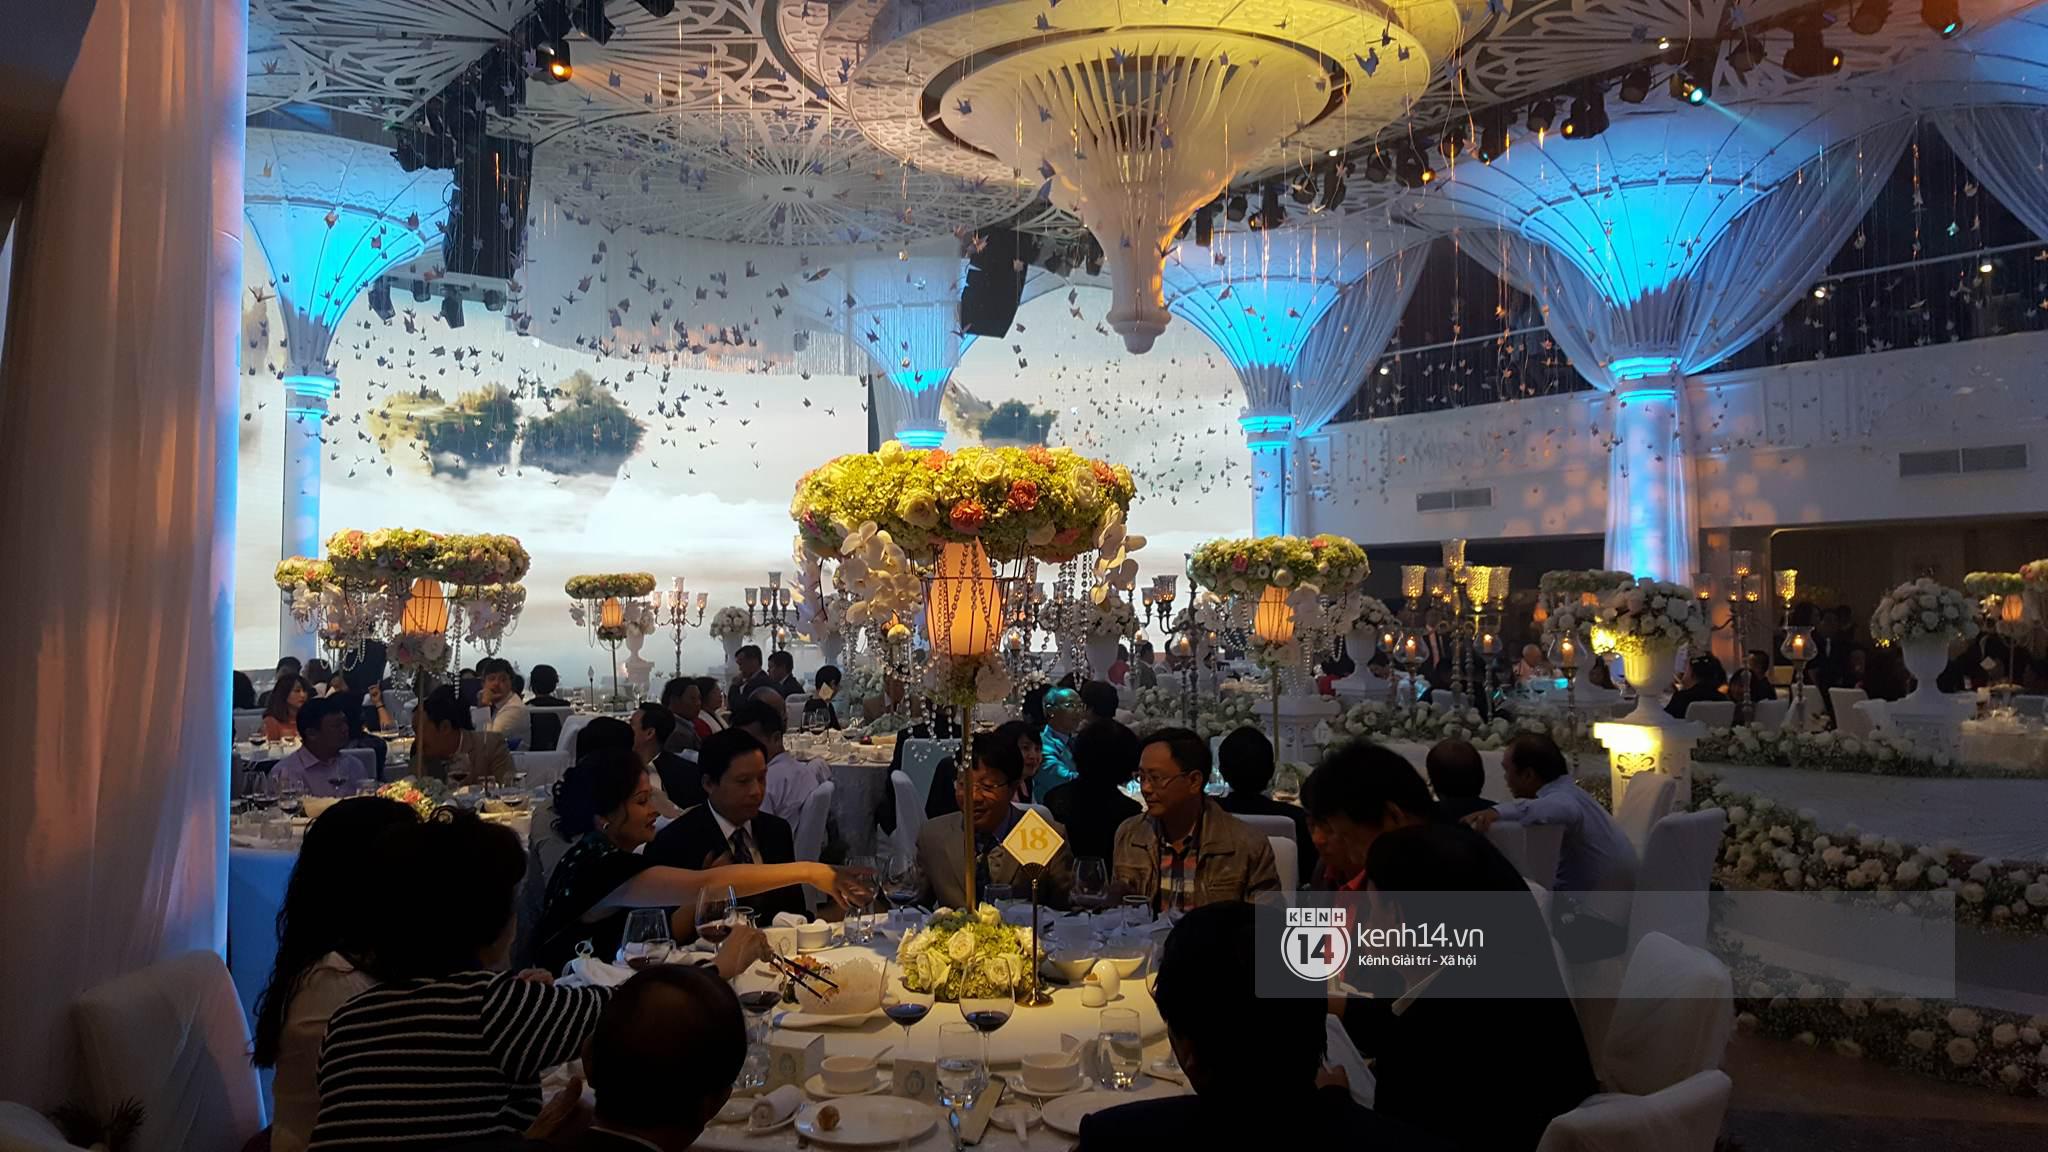 Đám cưới MC Mai Ngọc: Không gian lộng lẫy, cầu kỳ, xứng đáng là đám cưới sang chảnh nhất Hà Nội hôm nay - Ảnh 10.